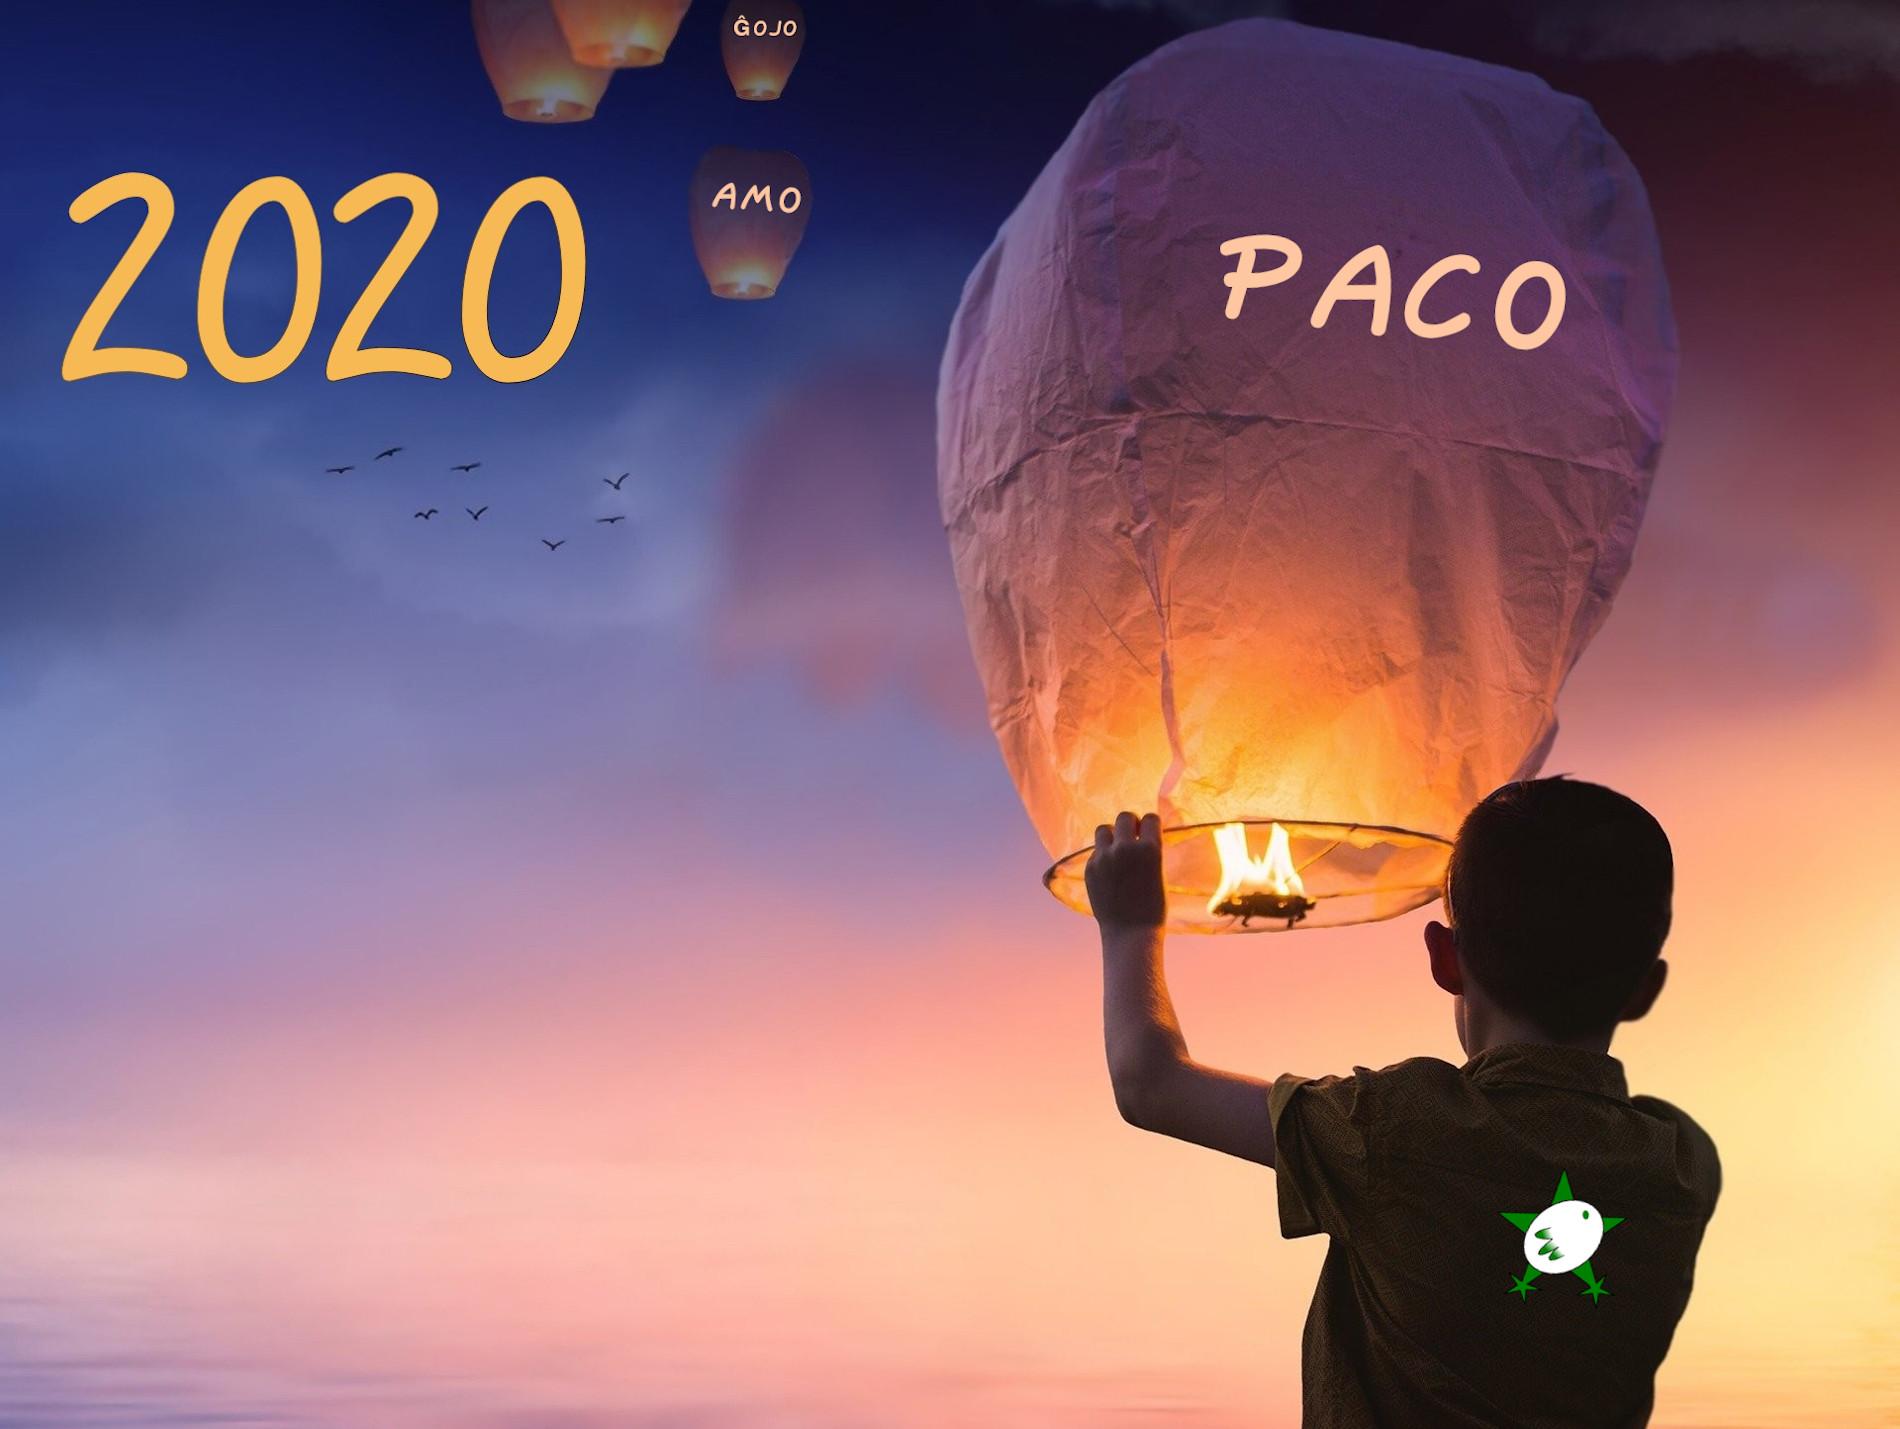 Novjaro 2020